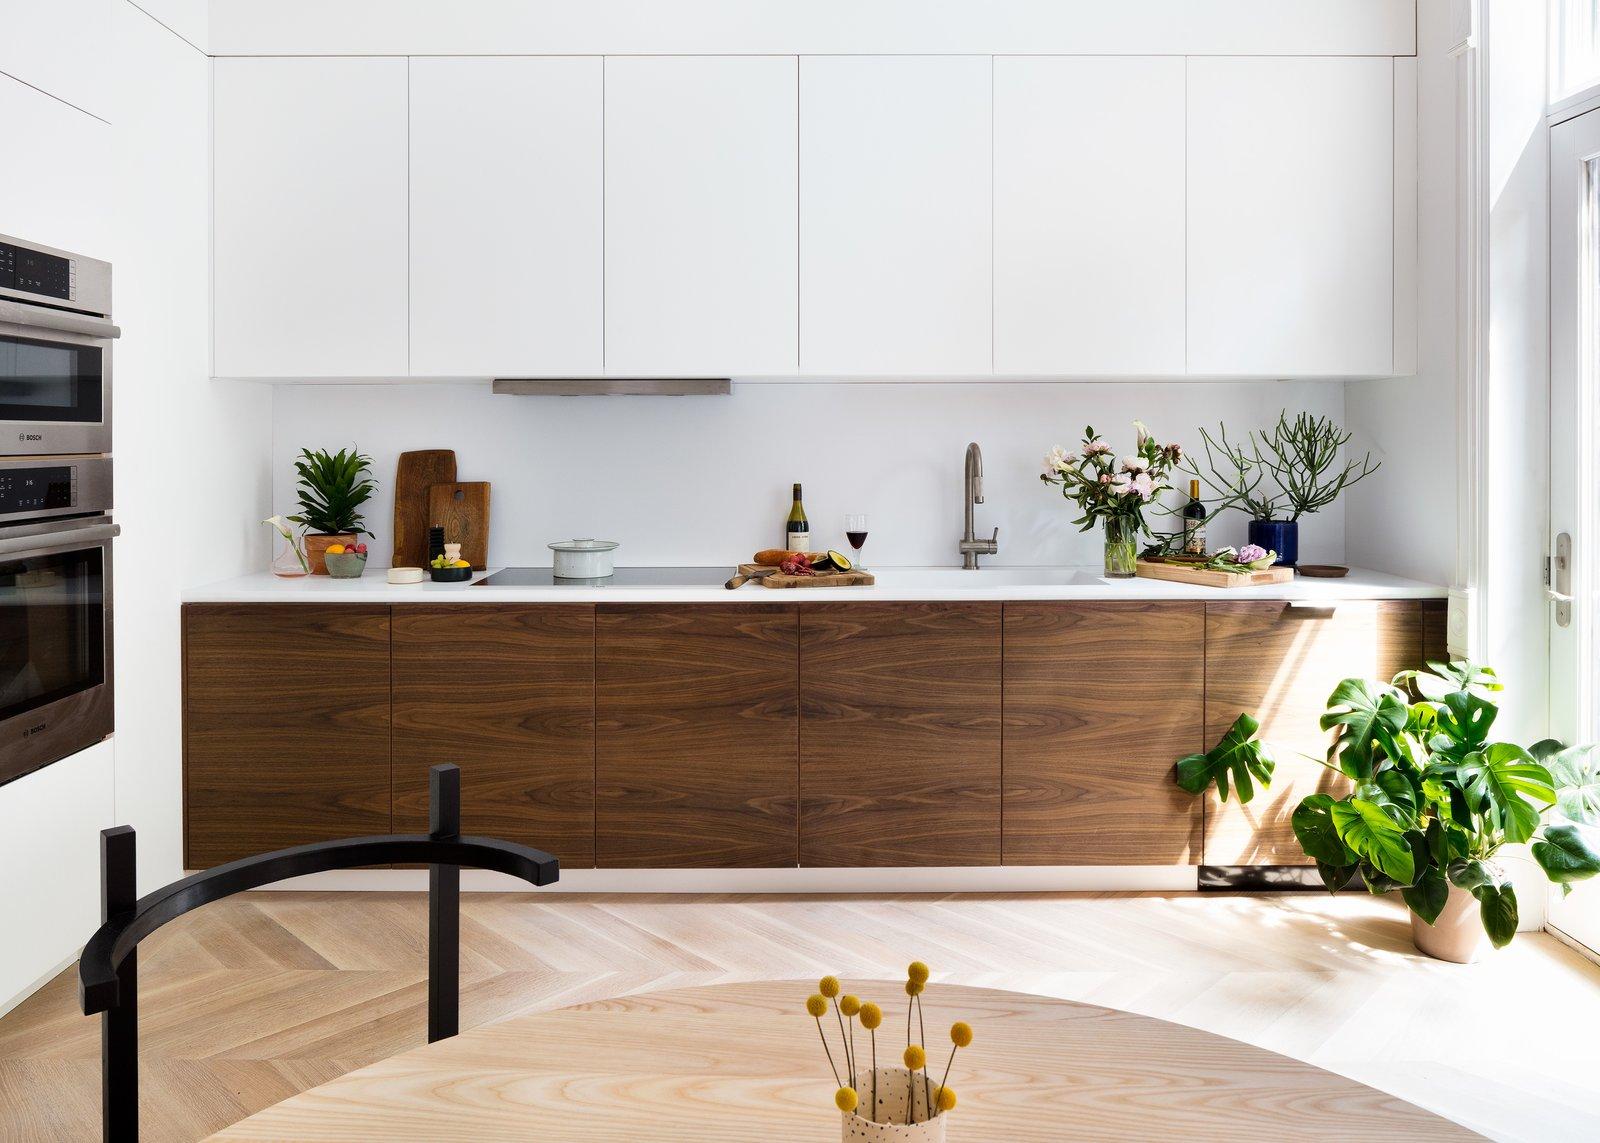 modere-en-strakke-keuken-ideeën-met-voorbeelden-en-keuken-inspiratie-48